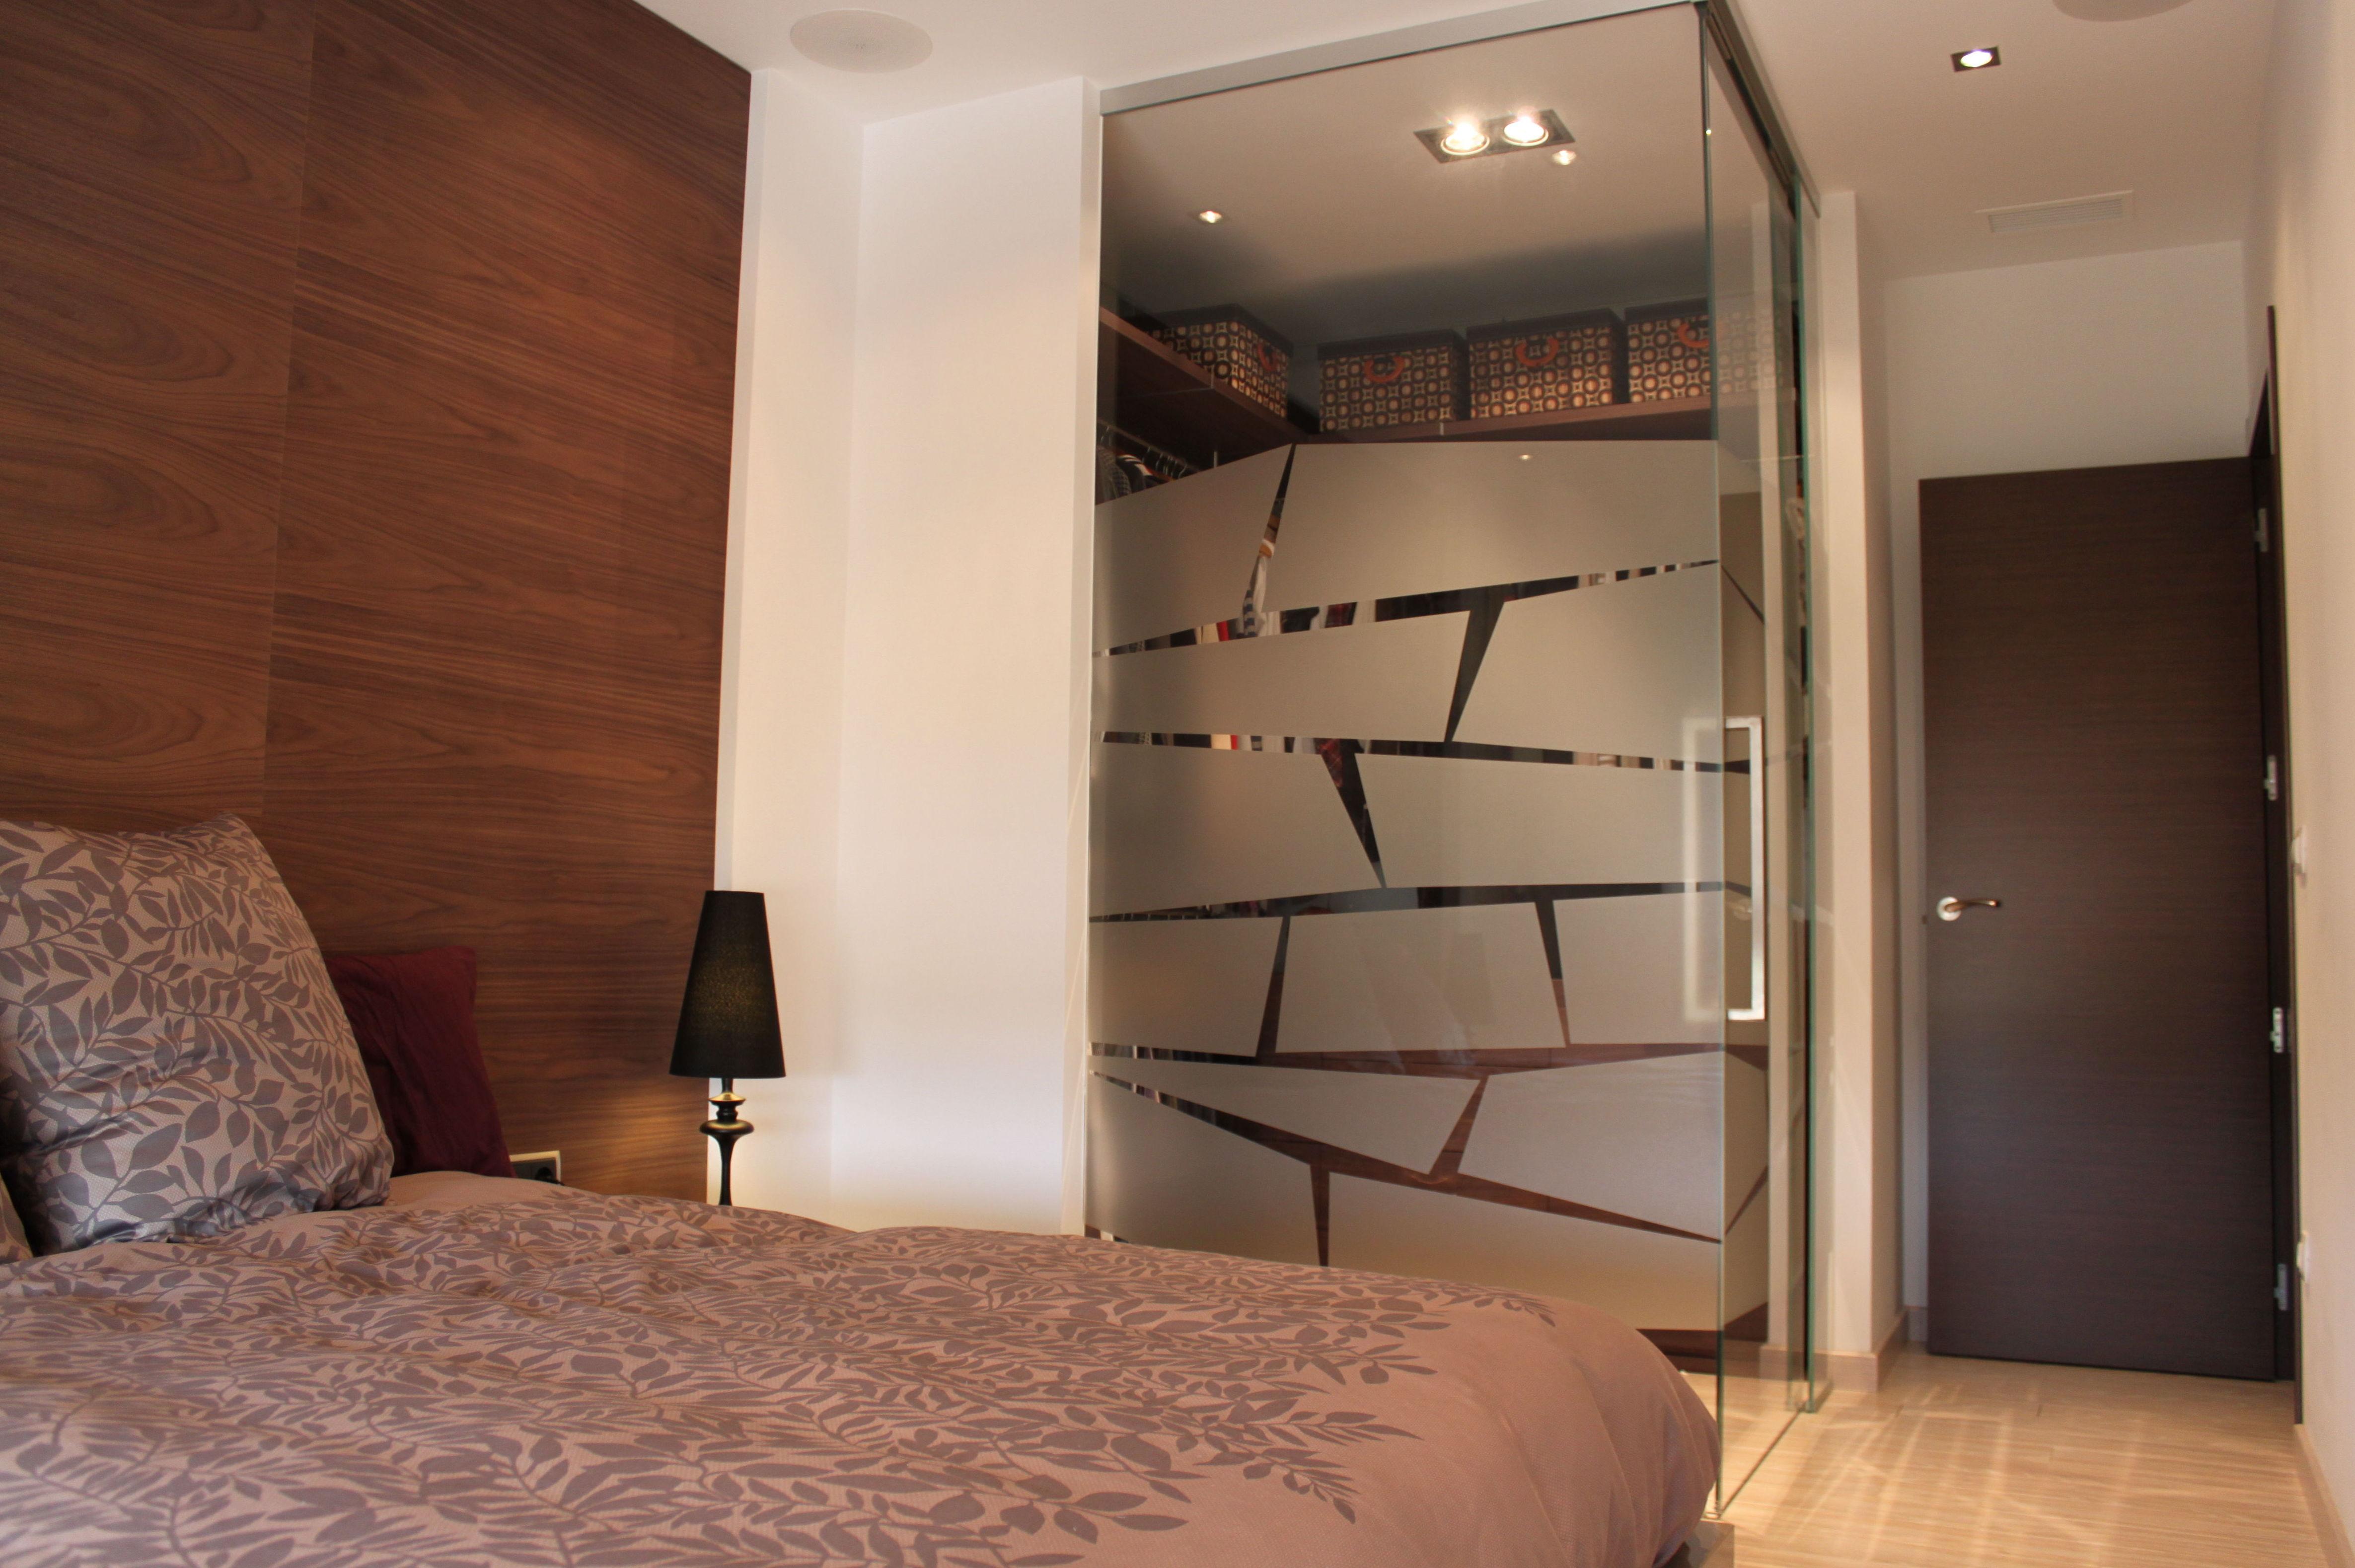 Vestidor de vidrio y puertas correderas